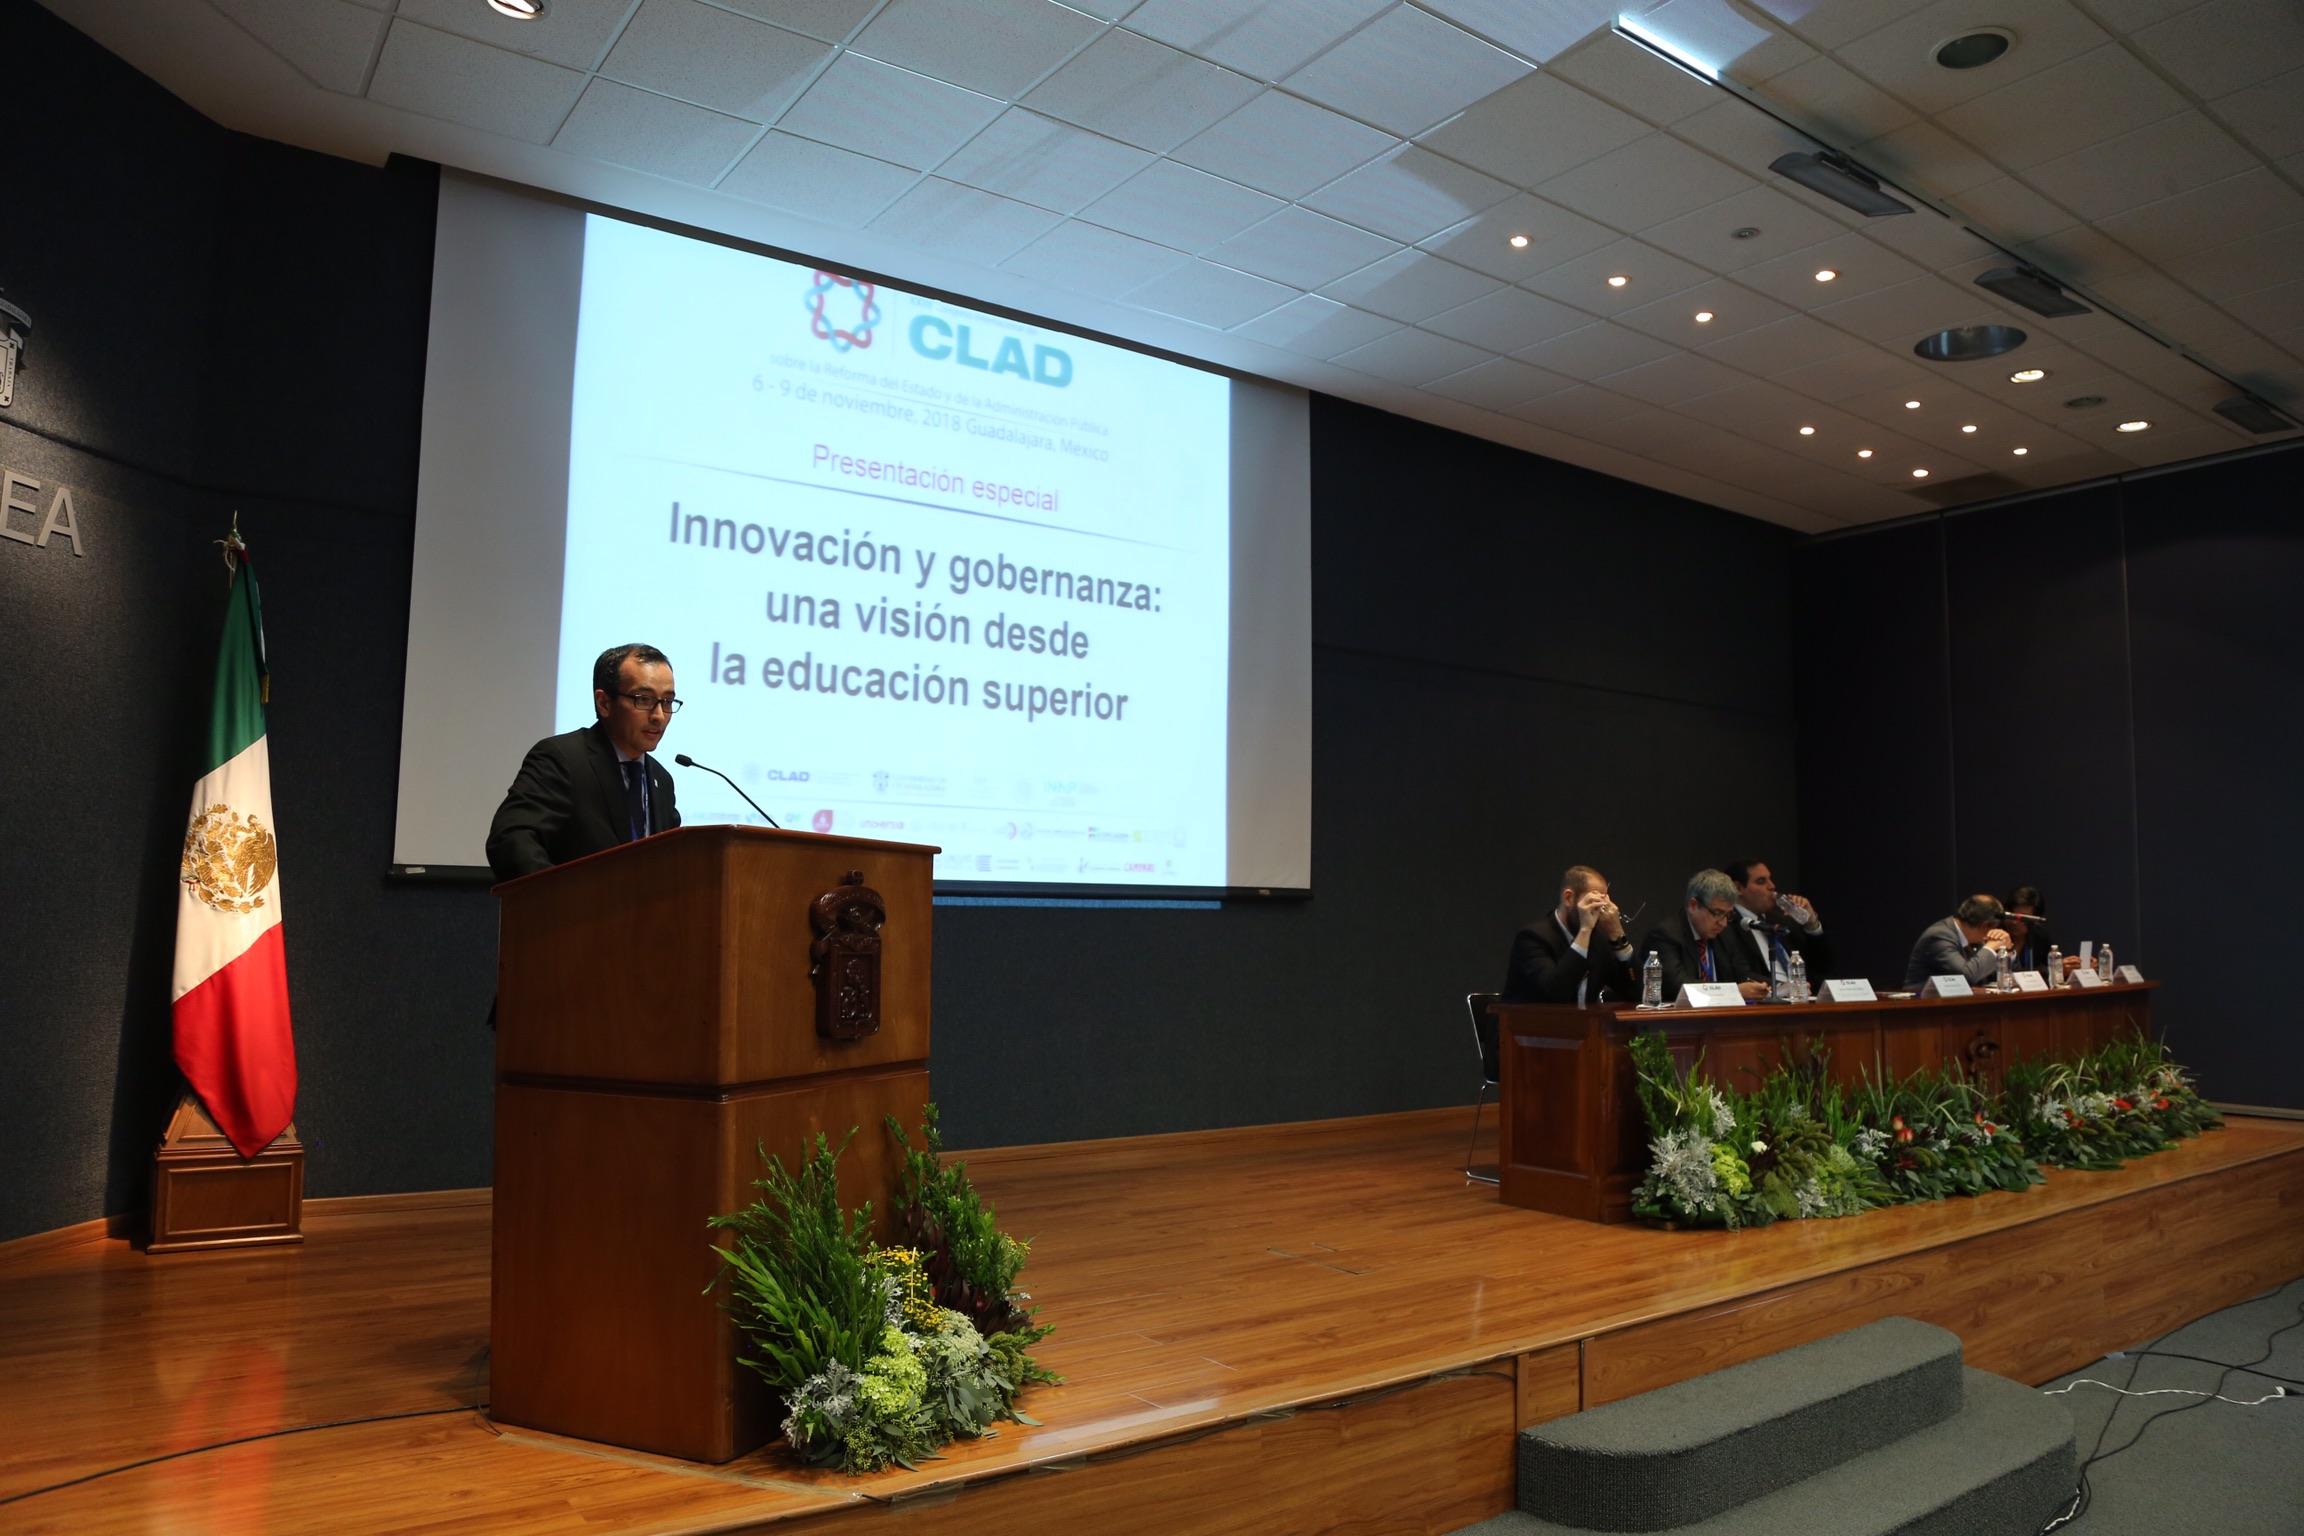 """Sesión """"Innovación y gobernanza: una visión desde la educación superior"""", en el CUCEA, como parte del vigésimo tercer Congreso Internacional del Centro Latinoamericano de Administración para el Desarrollo (CLAD)."""